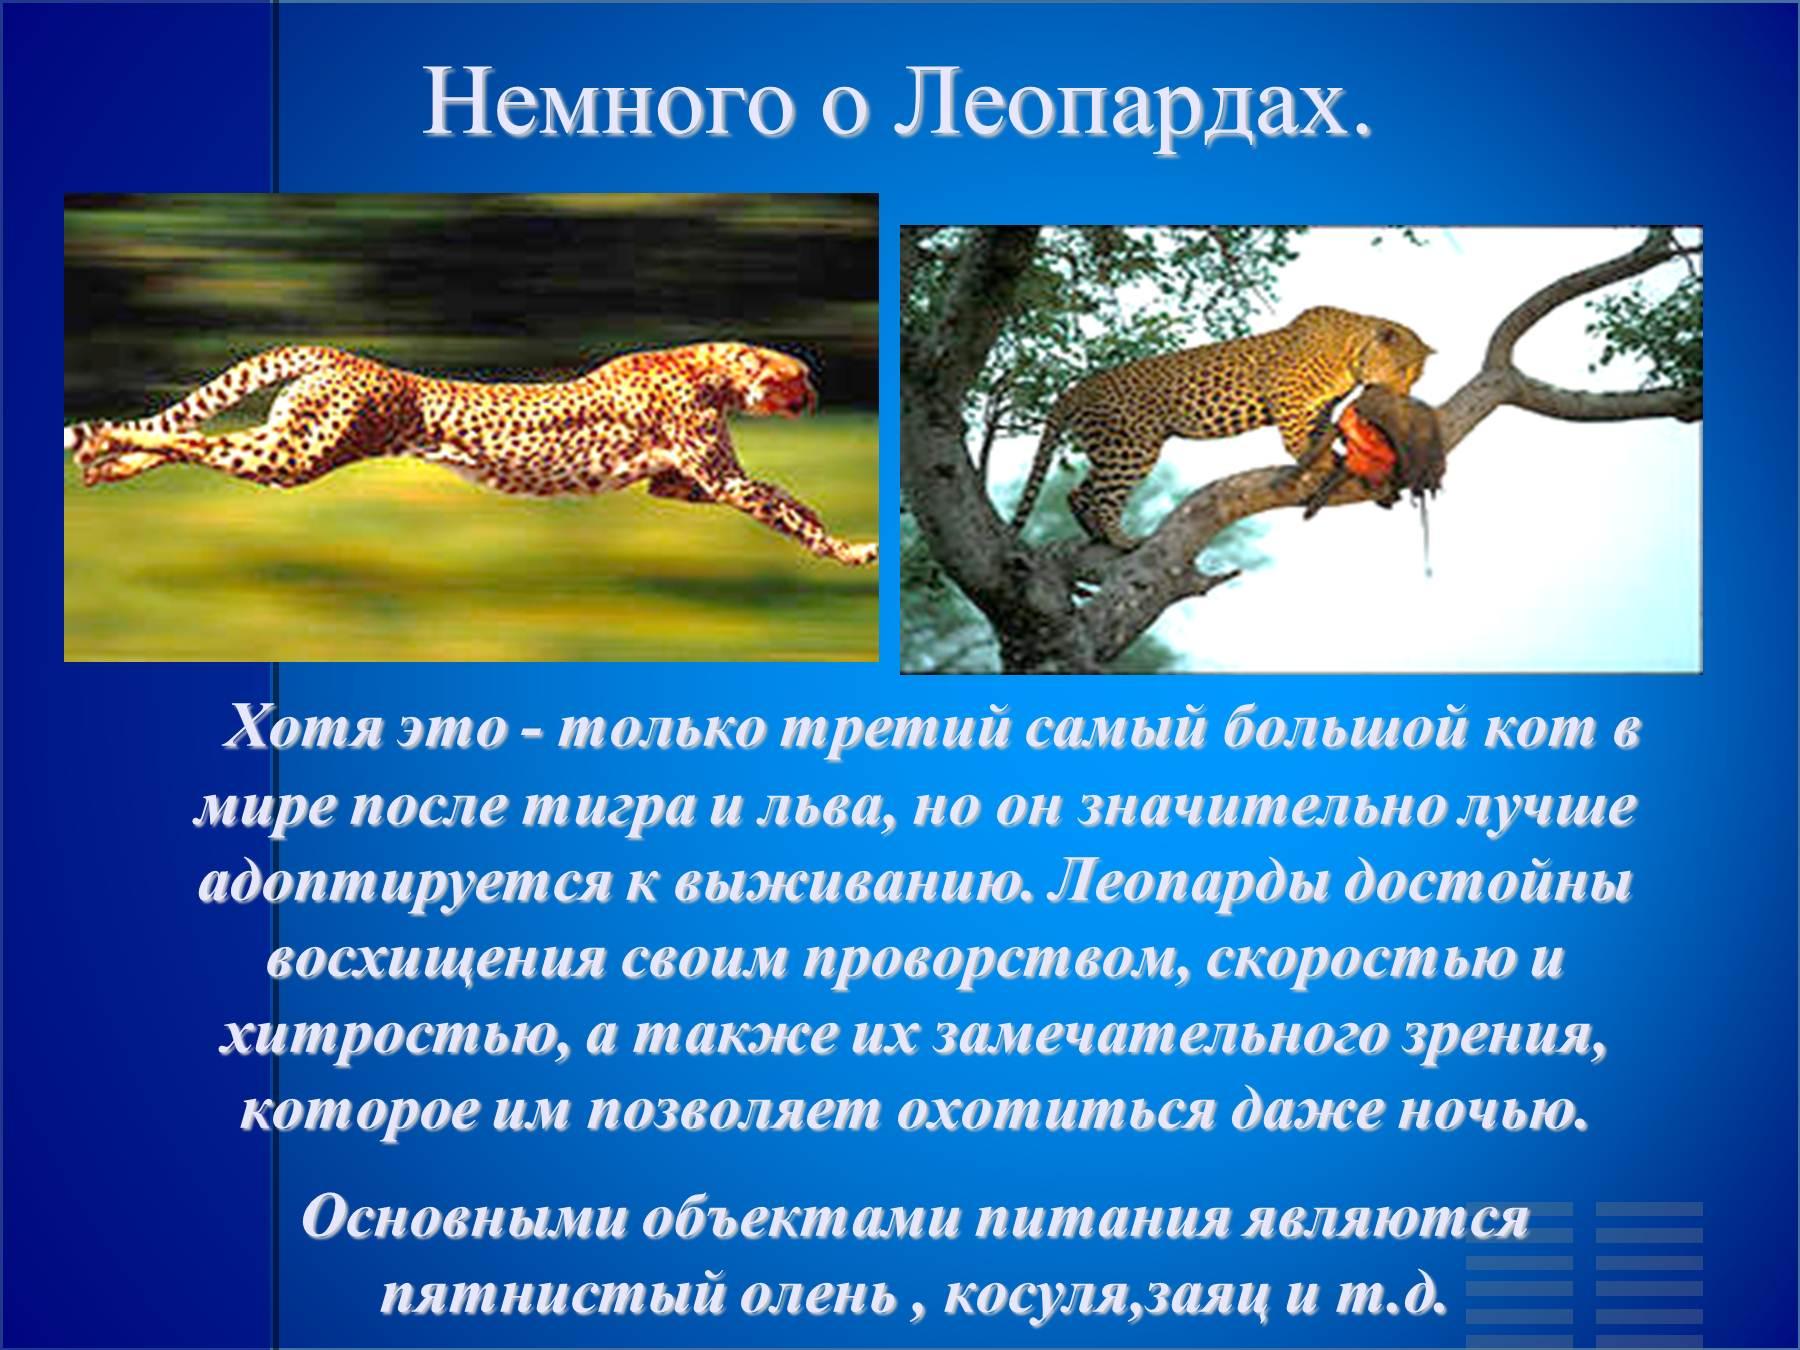 термобелье для красная книга о леопарде излишняя